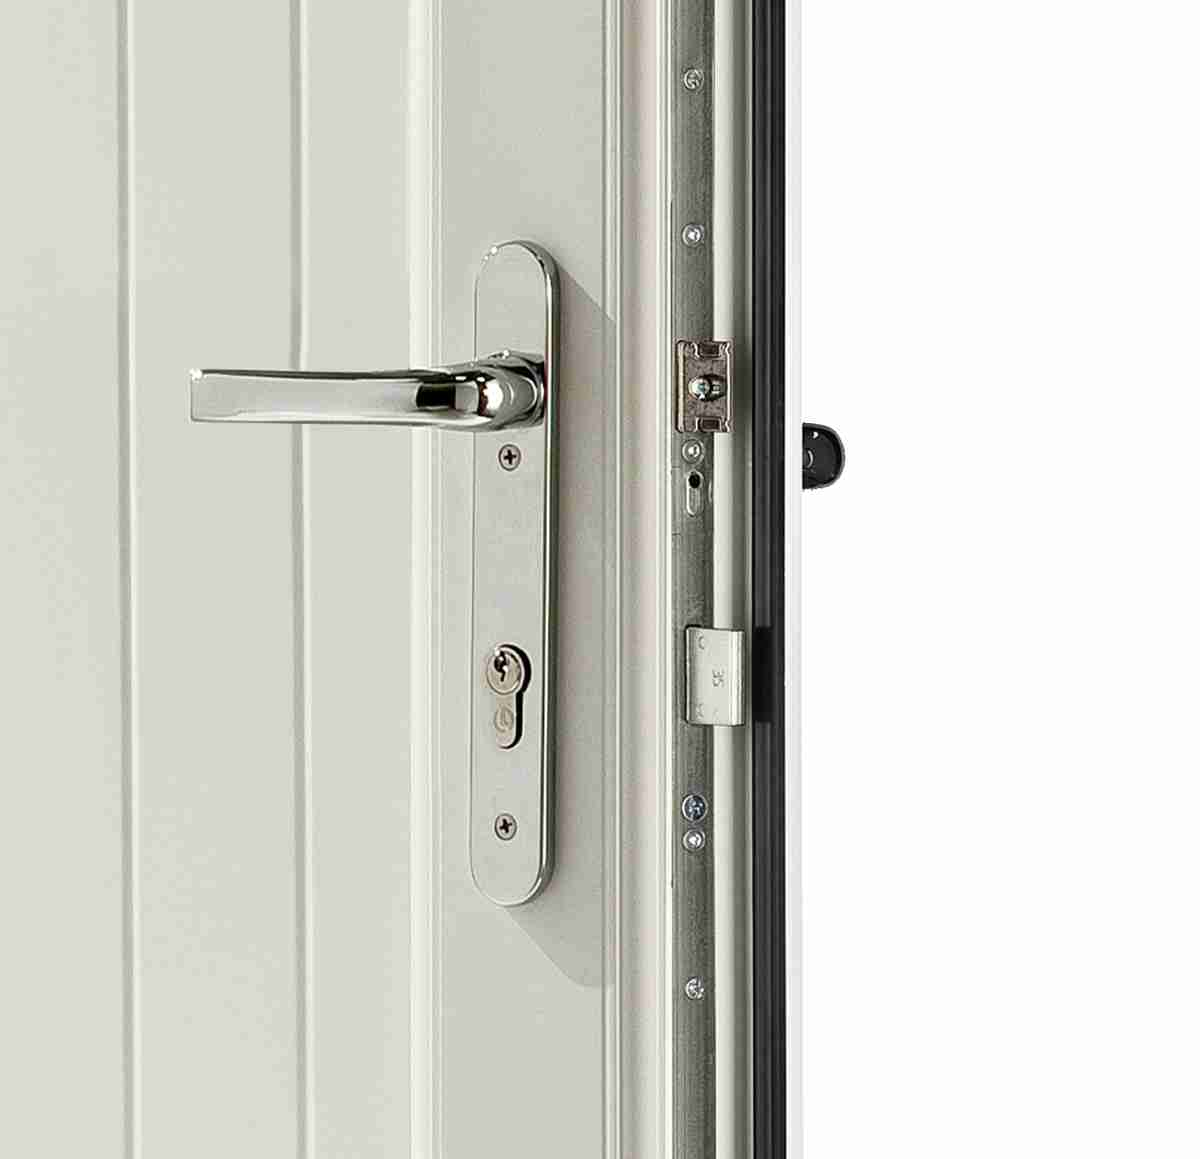 upvc panel door lock and security